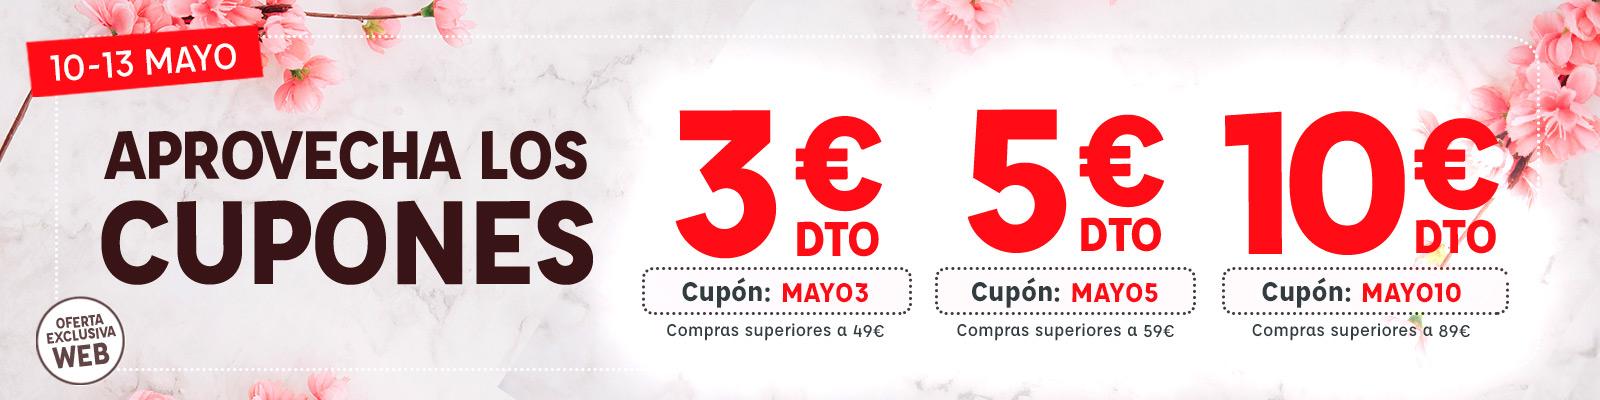 3, 5, y 10 euros de descuento Kiwoko a compras superiores a 49, 59, 89 euros.